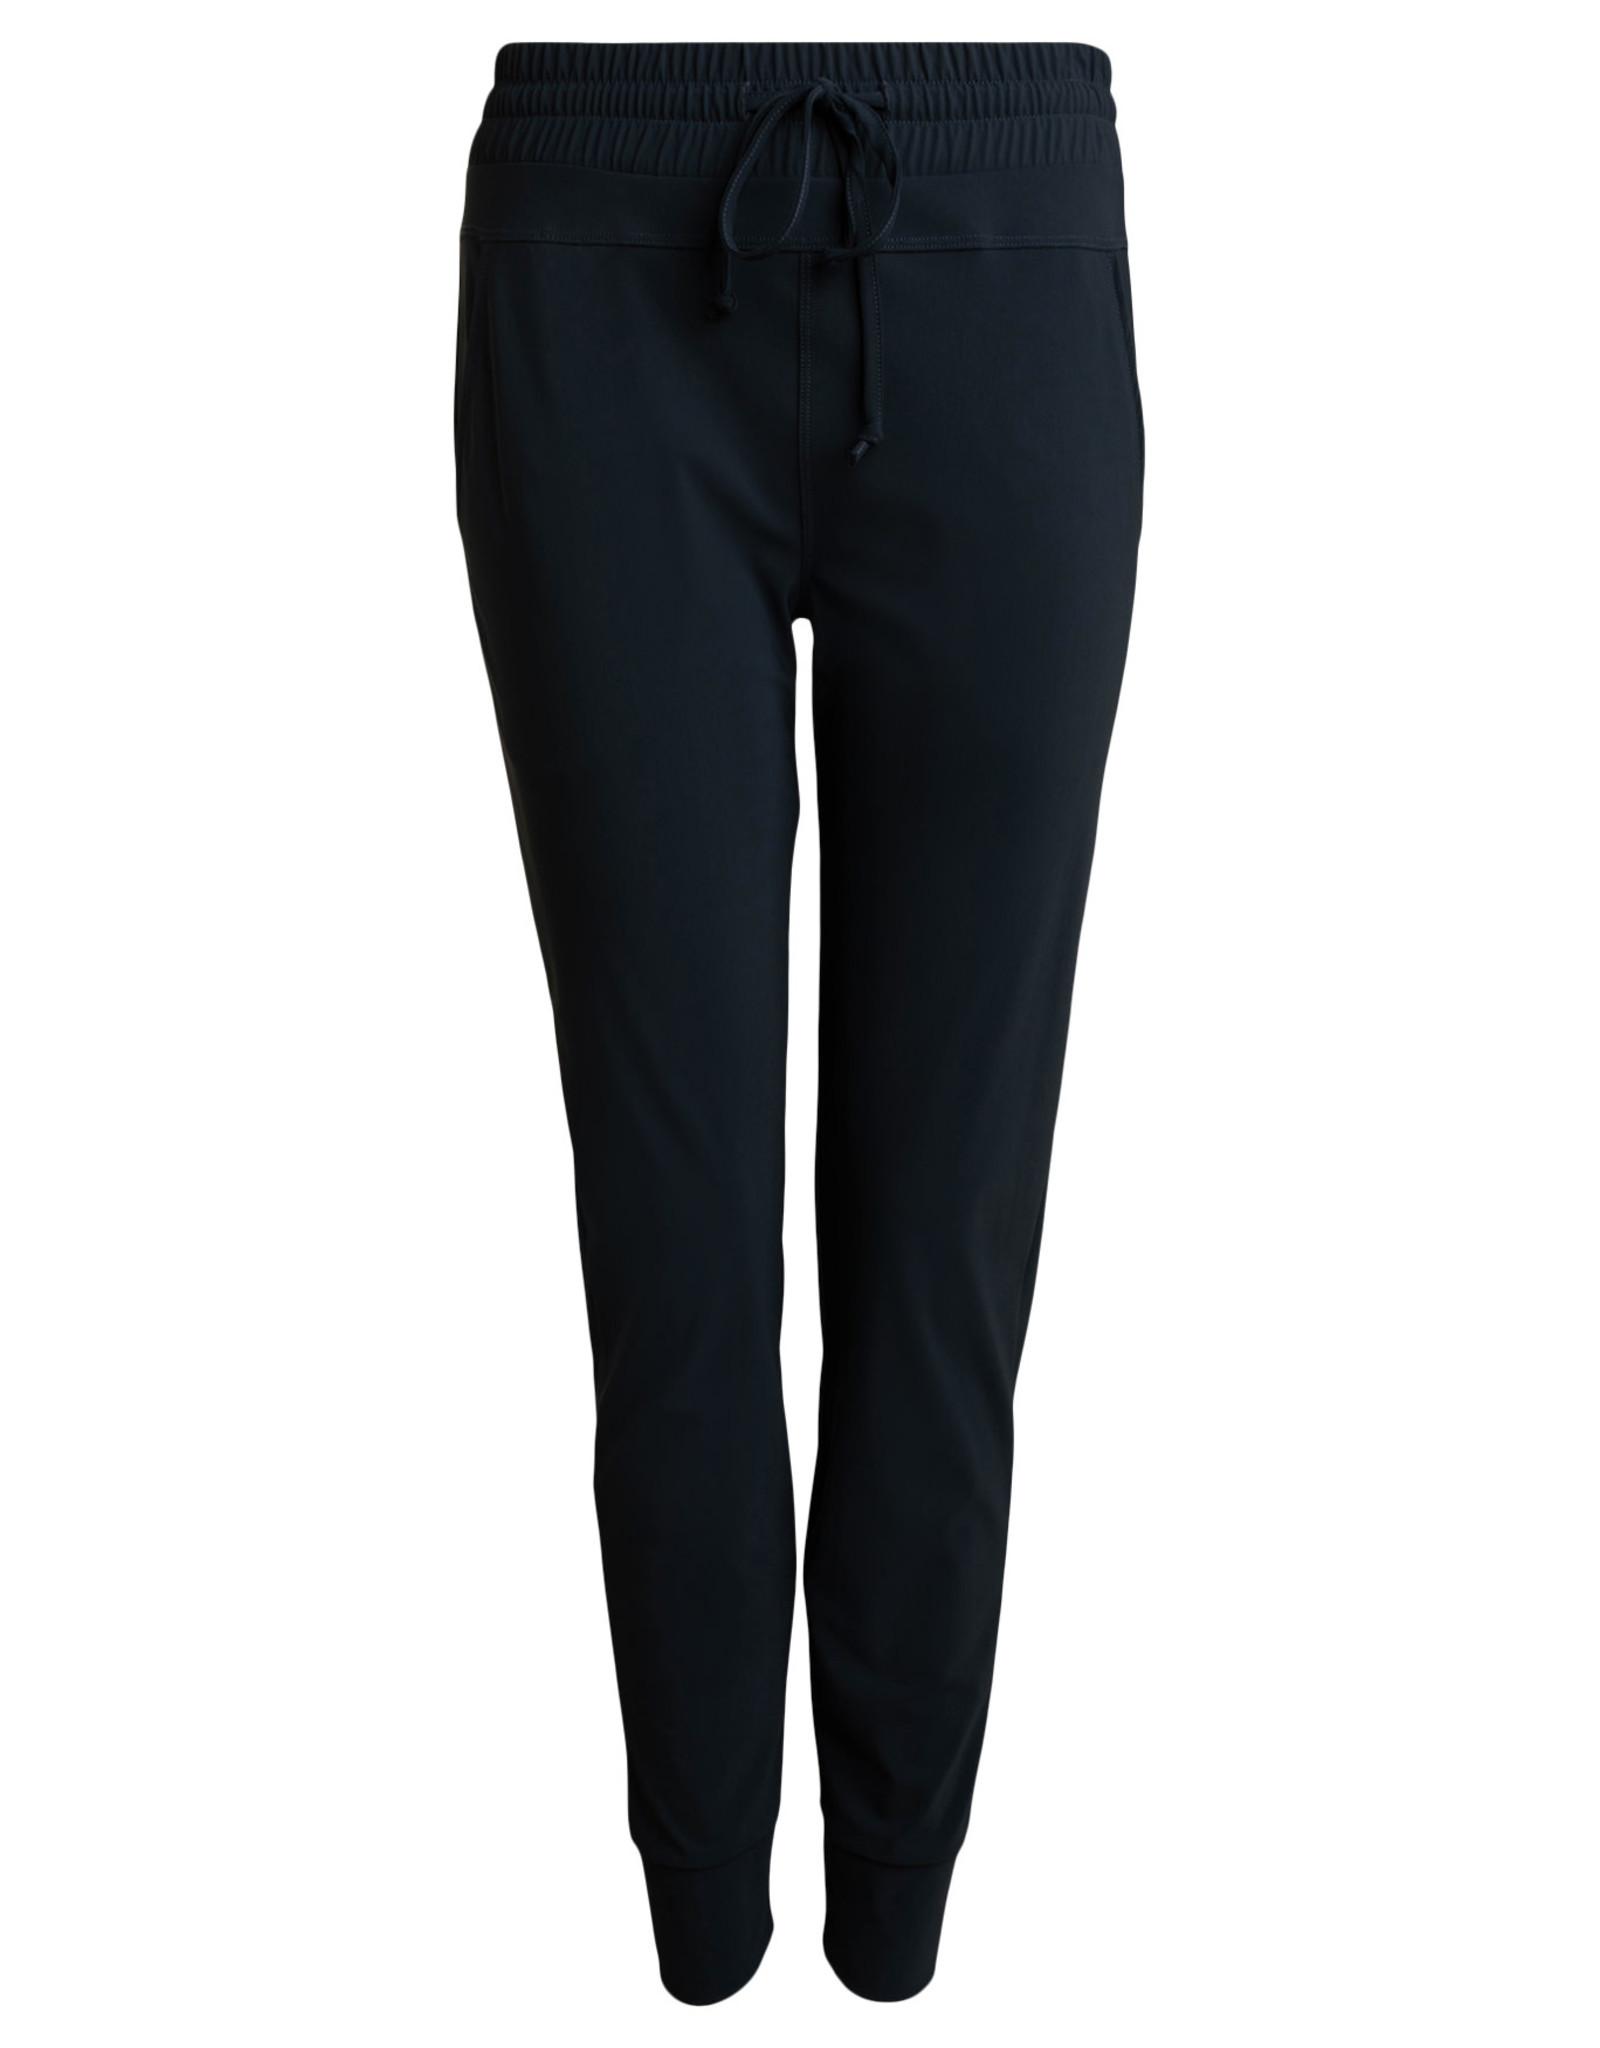 Moscow Pantalon Gi Donkerblauw